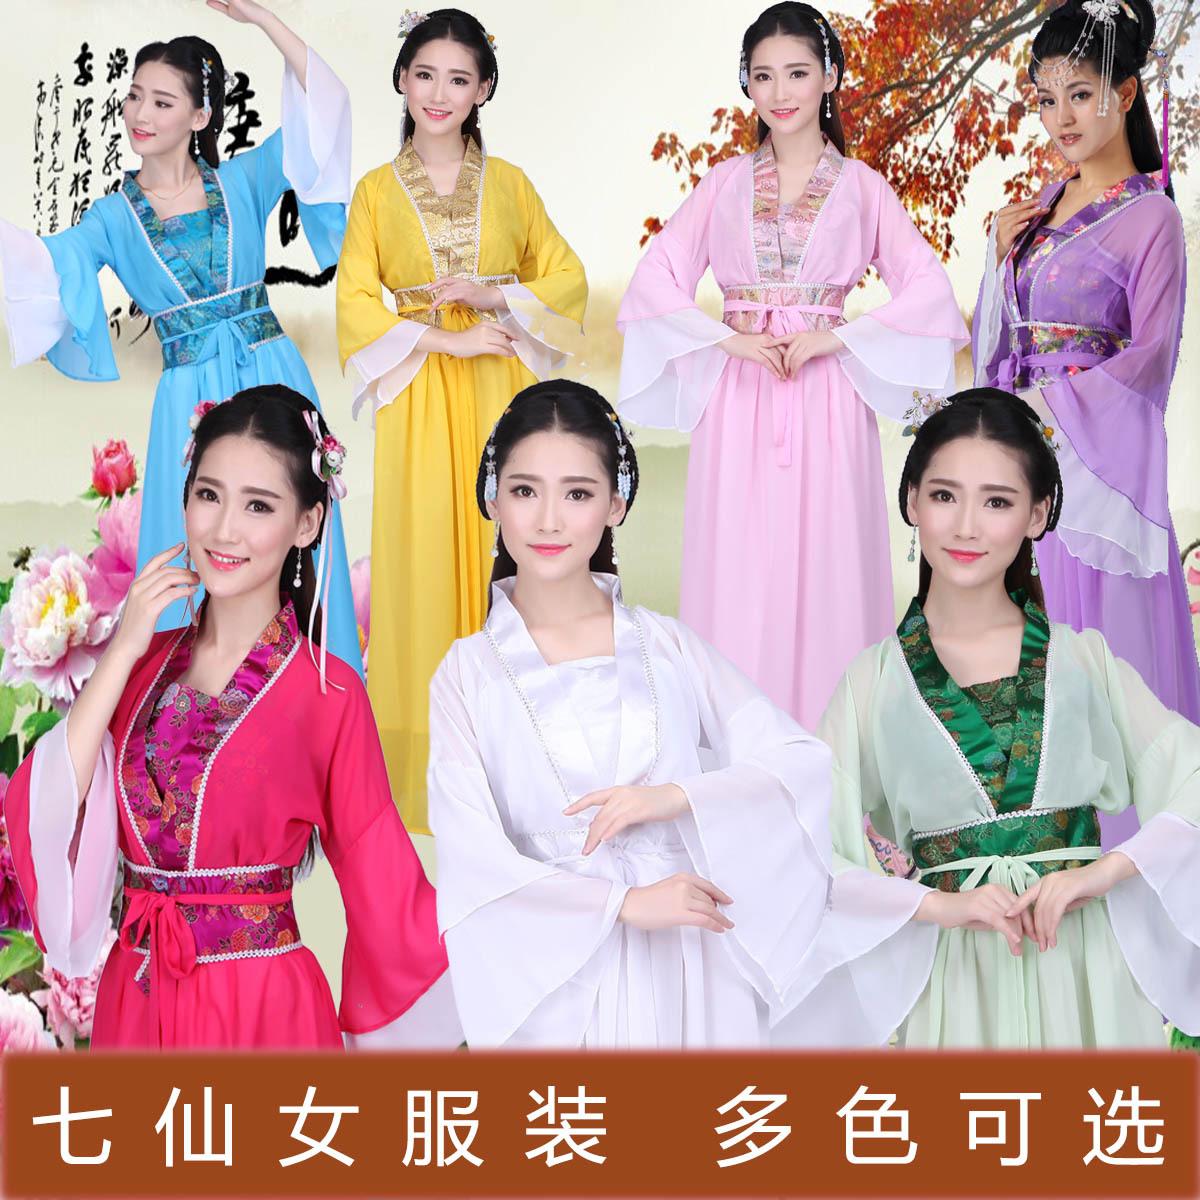 唐代古代服装汉服女款古装七仙女古筝复古孤单舞蹈服民族服演出服